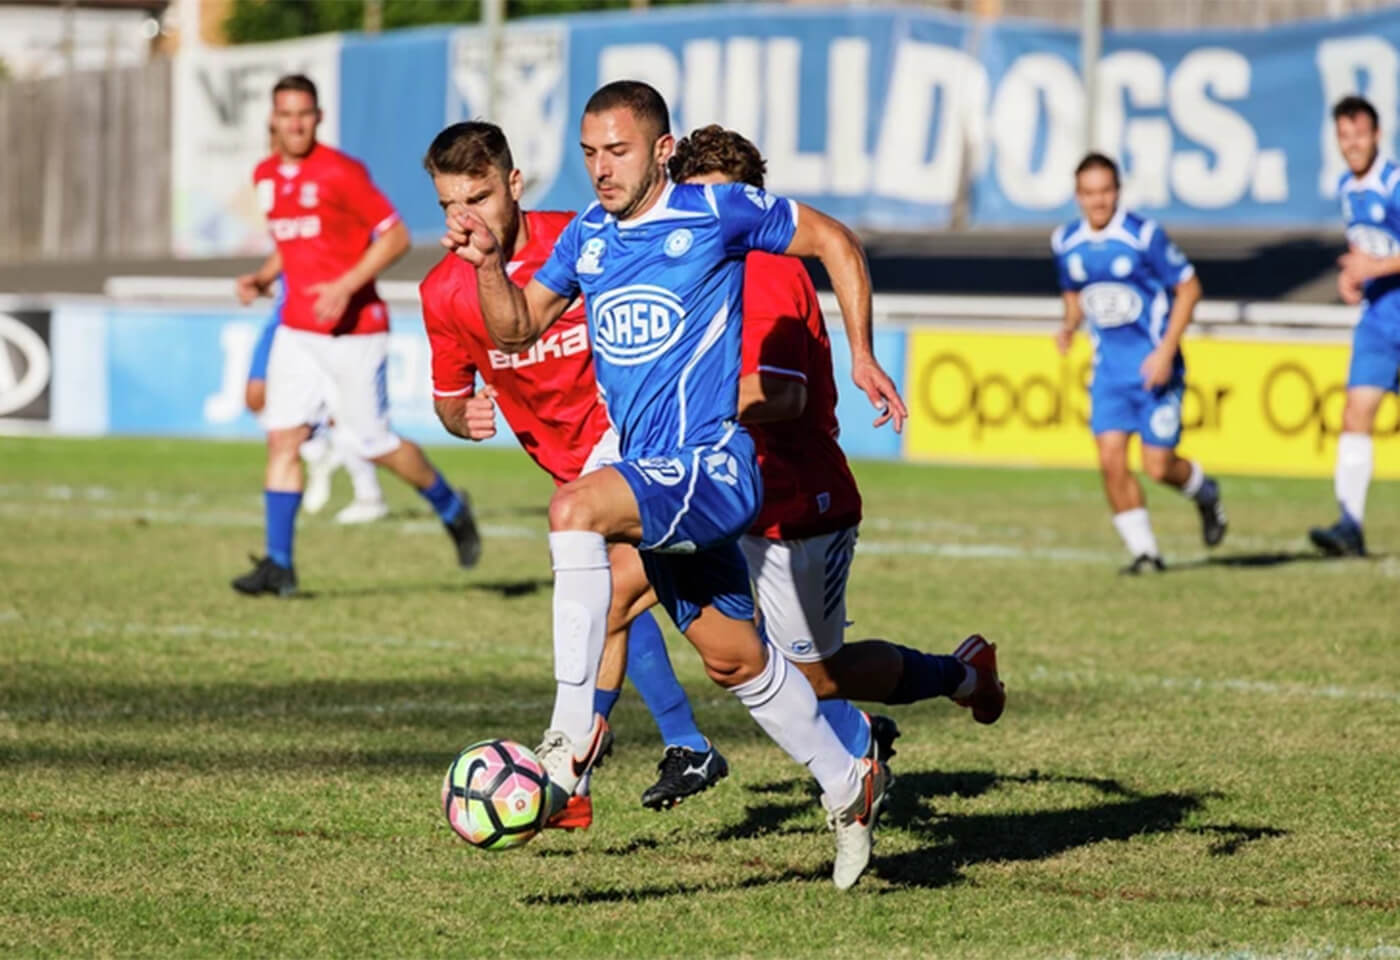 Image of men playing soccer